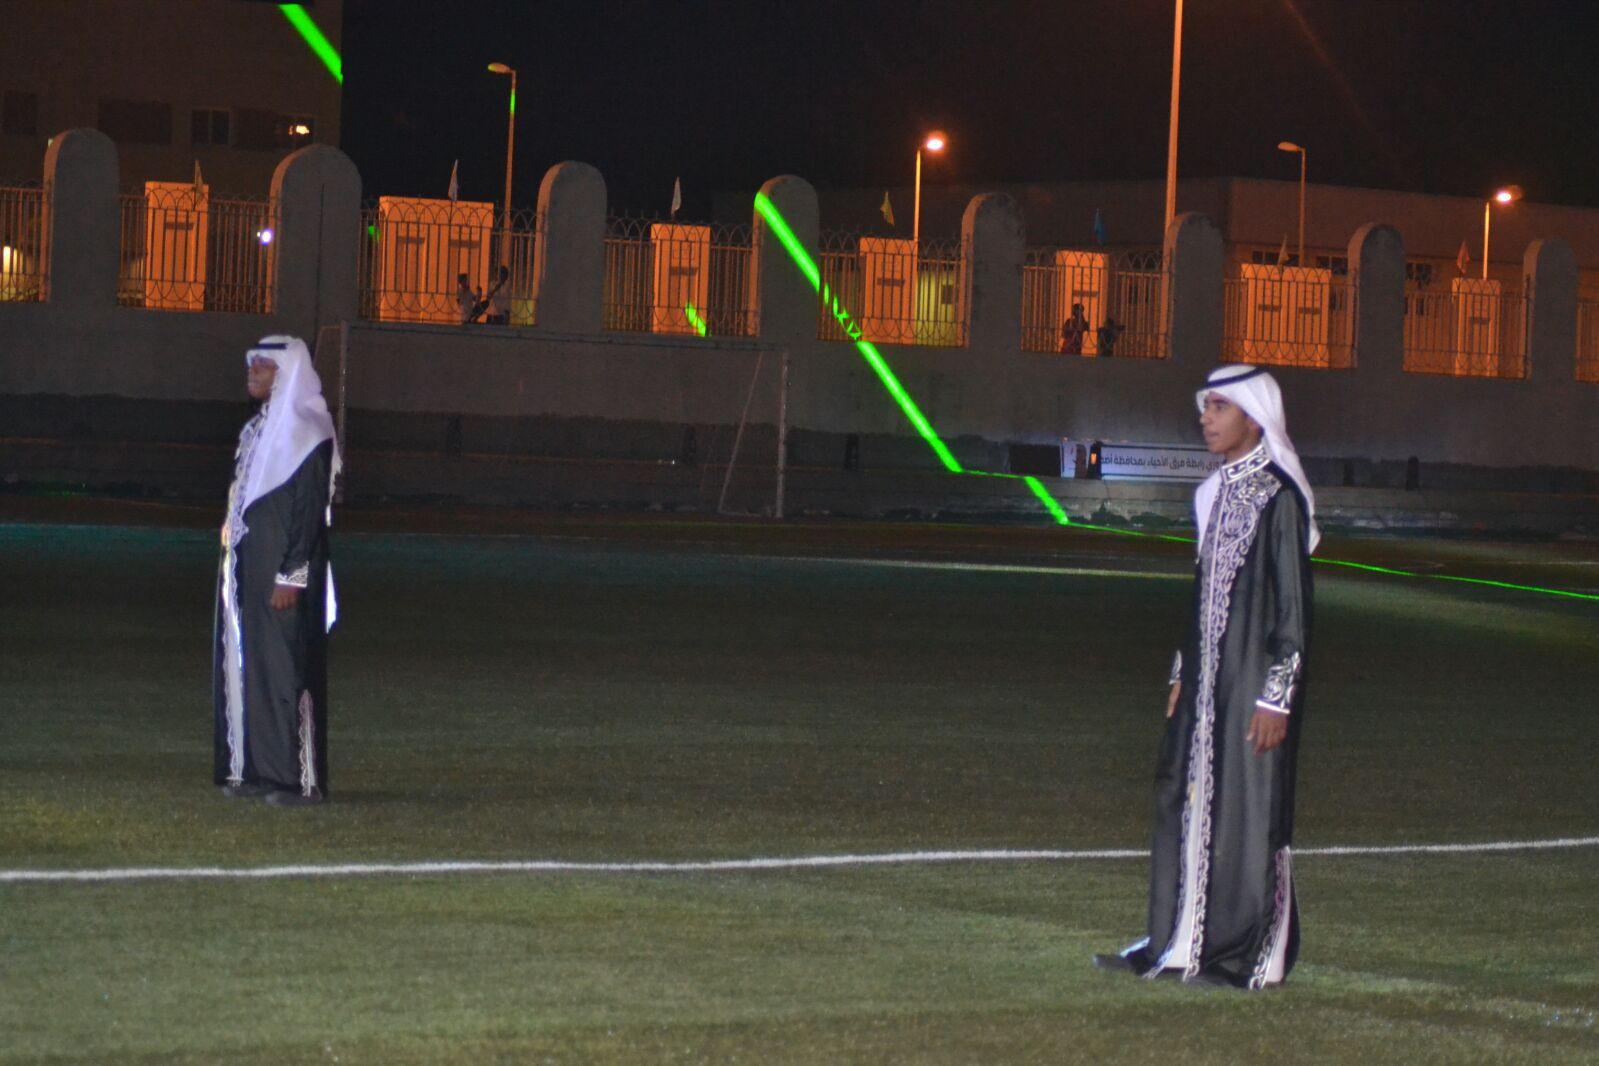 انطلاق دوري رابطة فرق الاحياء لكرة القدم باضم (8)